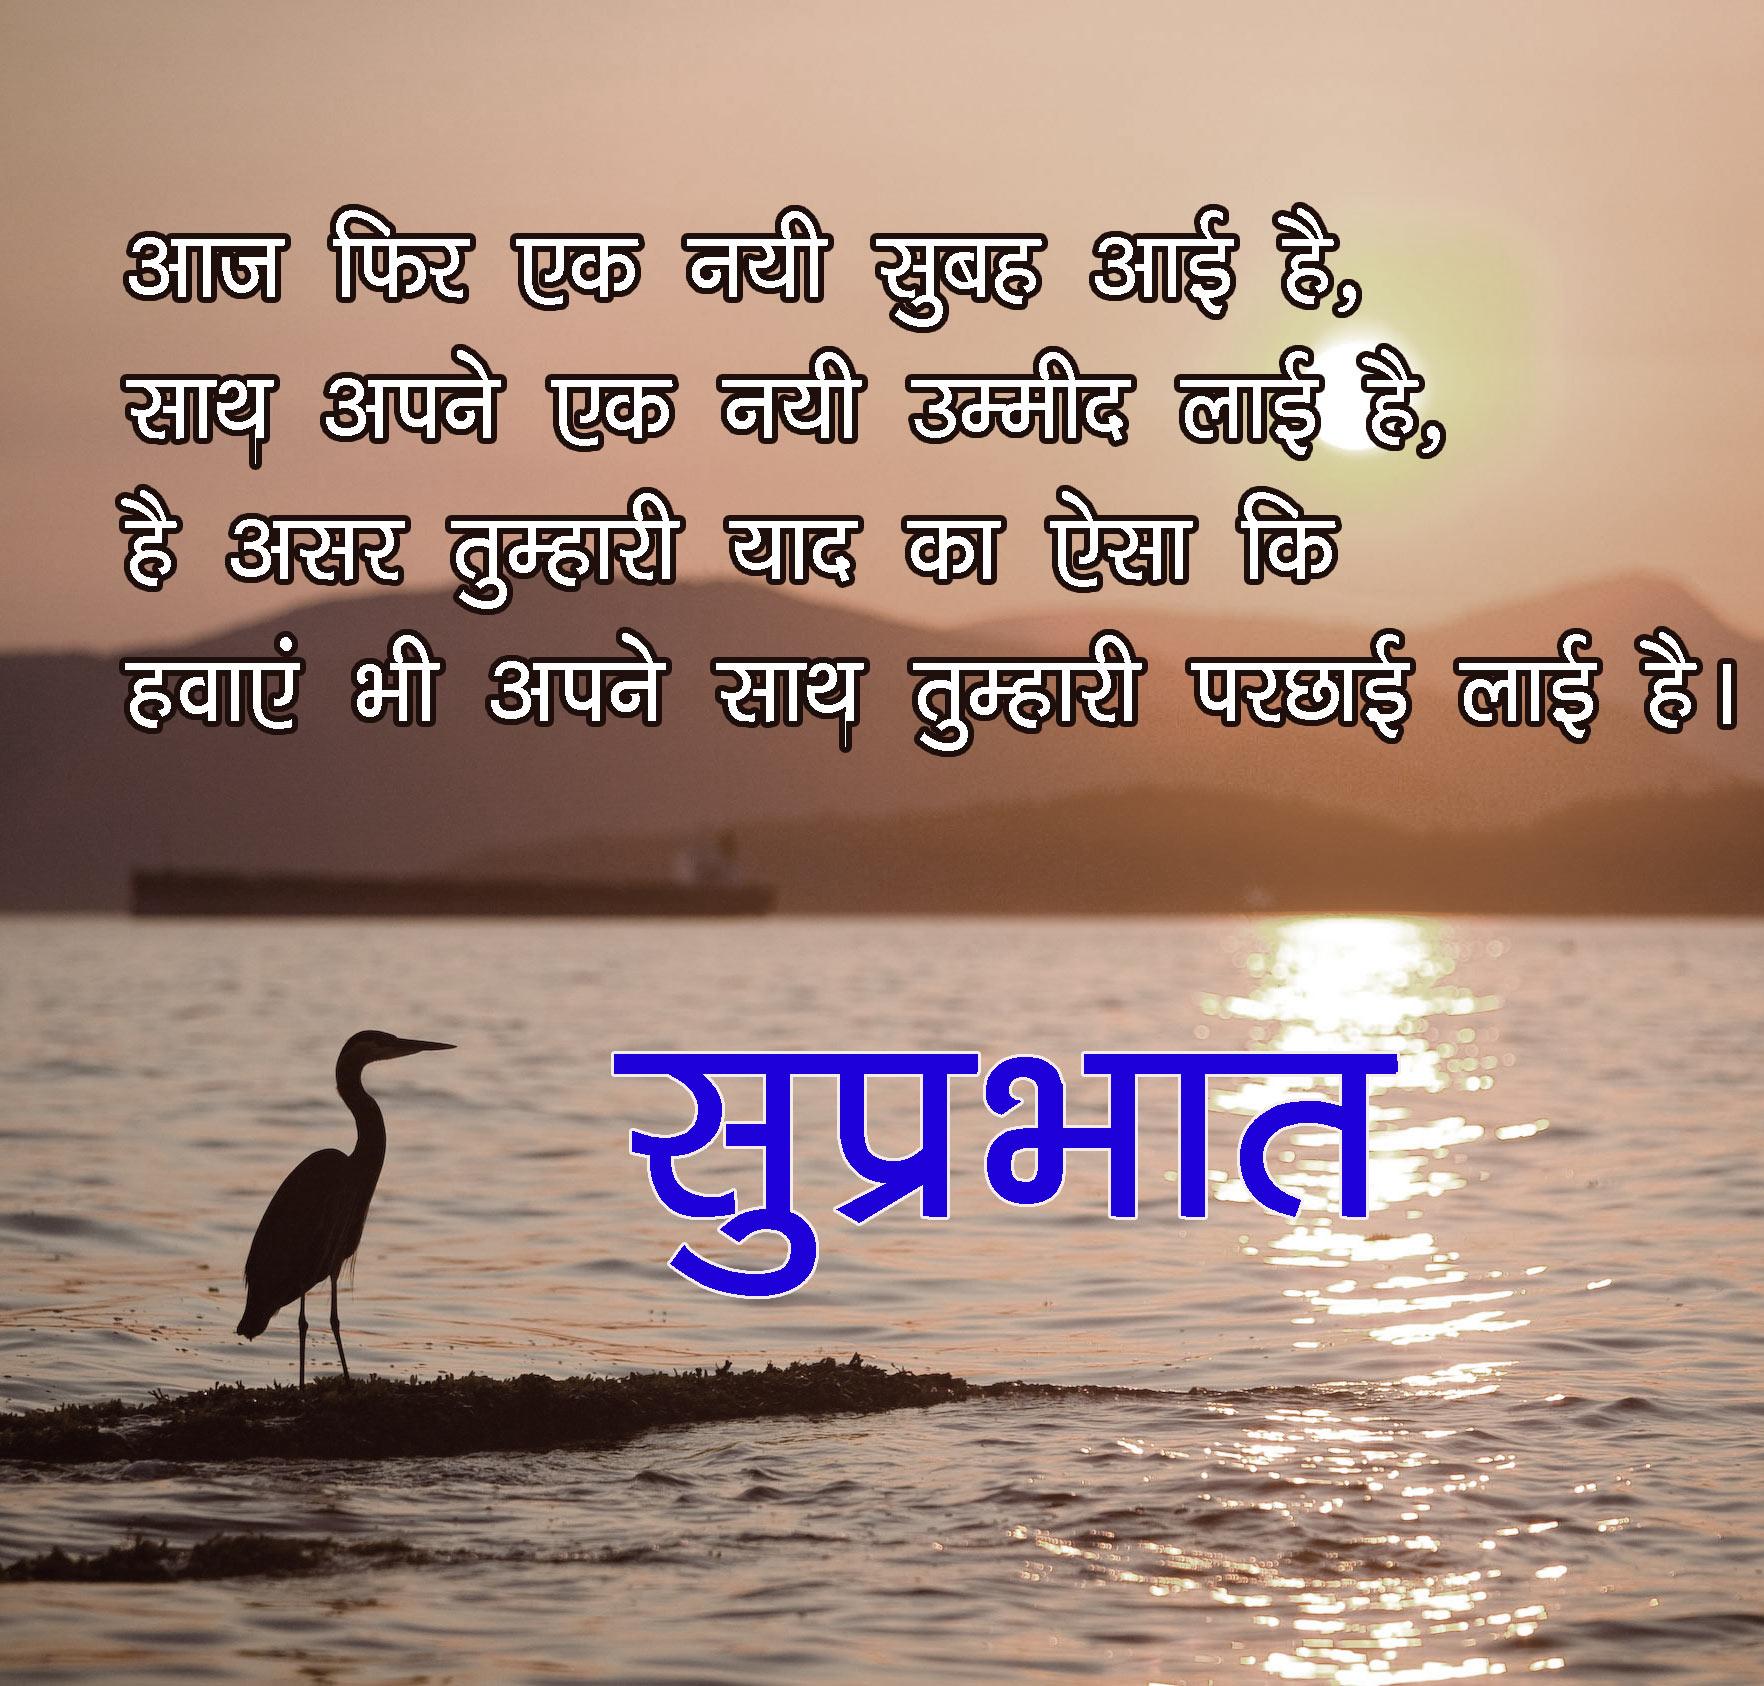 HindiShayari Good Morning Pics Wallpaper Pictures